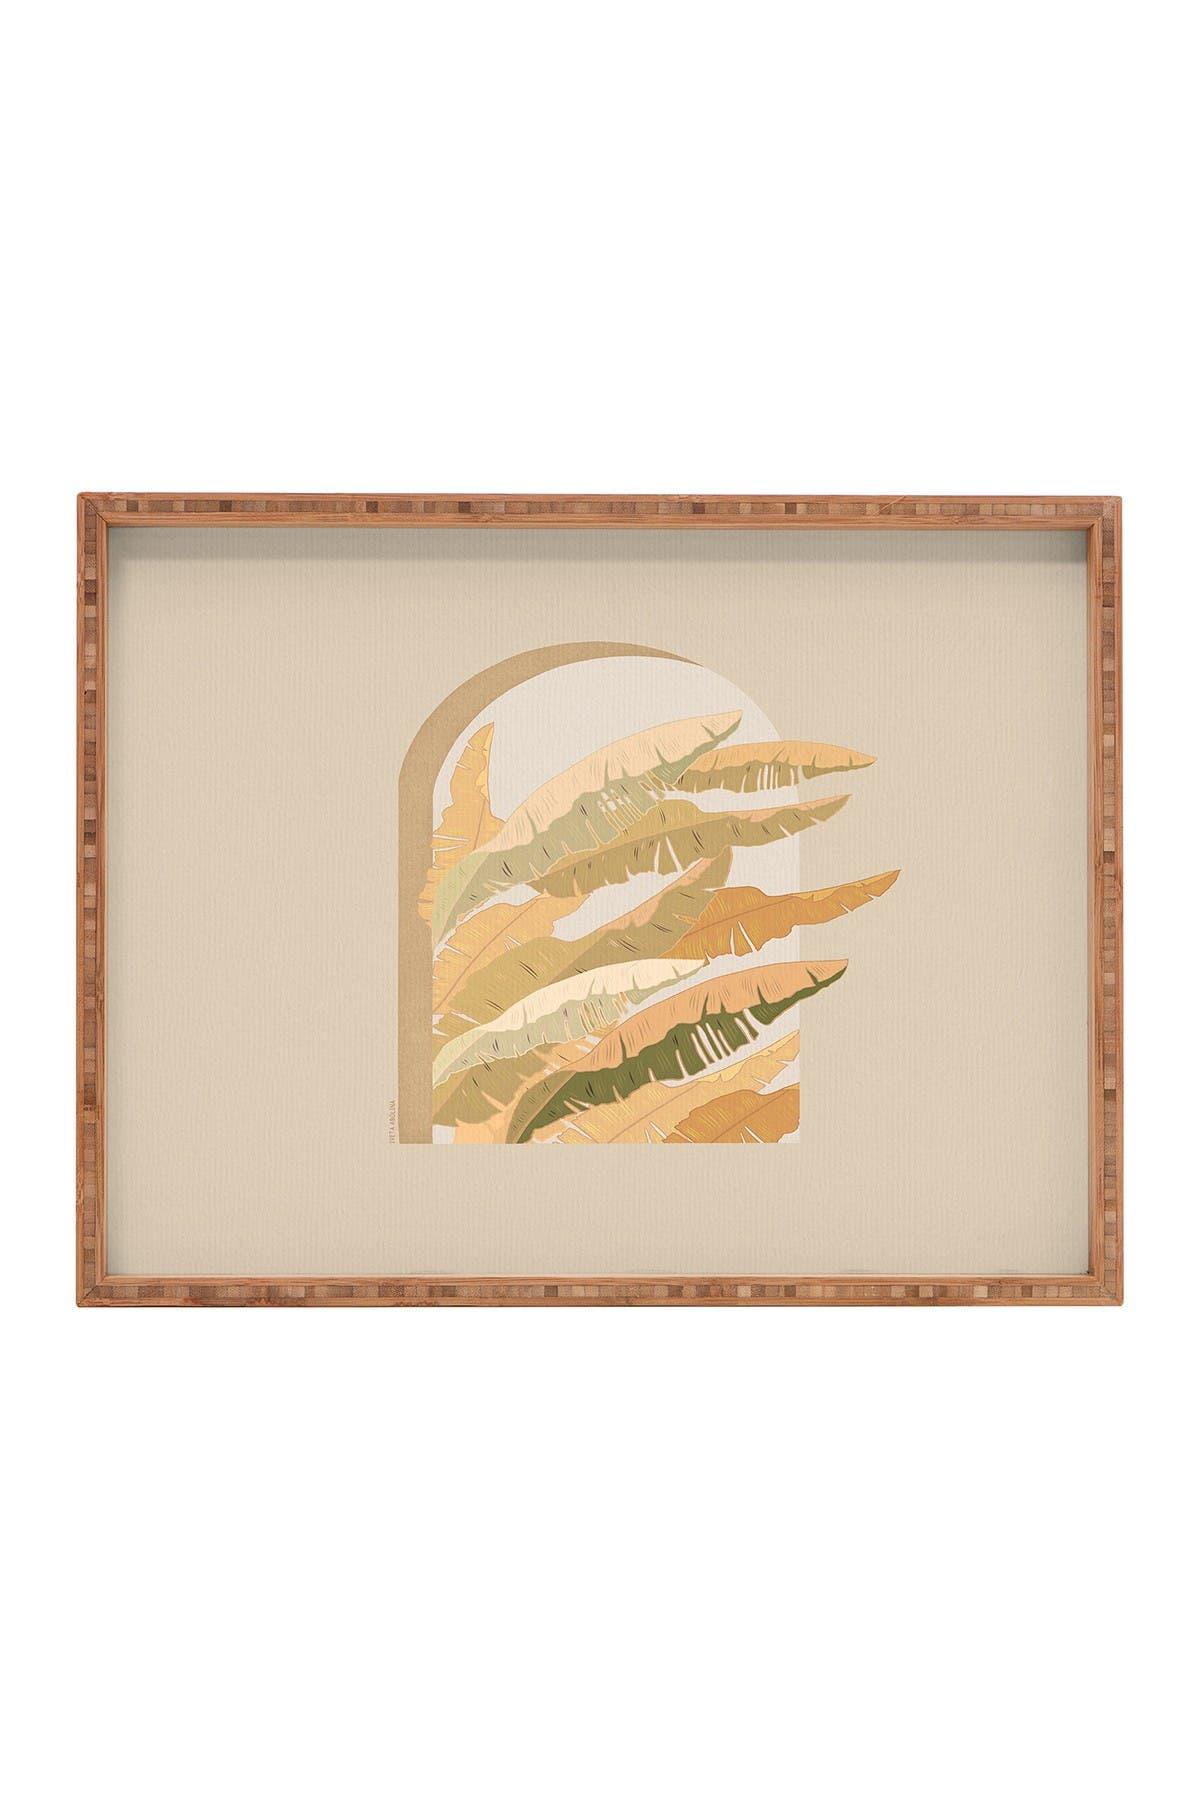 Image of Deny Designs Iveta Abolina Sorrento Sunset Rectangular Bamboo Tray